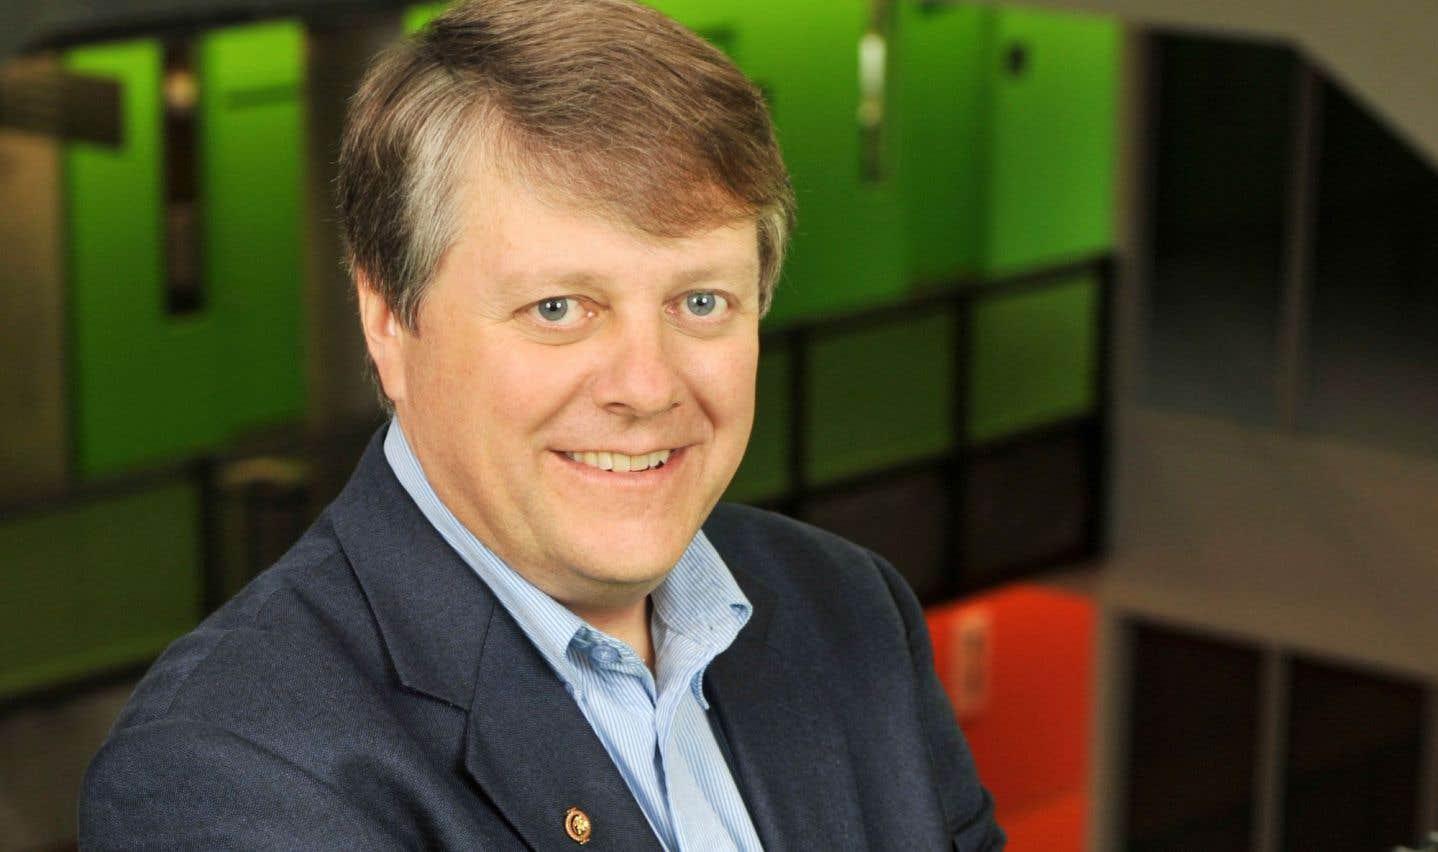 Jean Dansereau, directeur adjoint, affaires académiques et internationales, et directeur des études supérieures à l'École polytechnique de Montréal